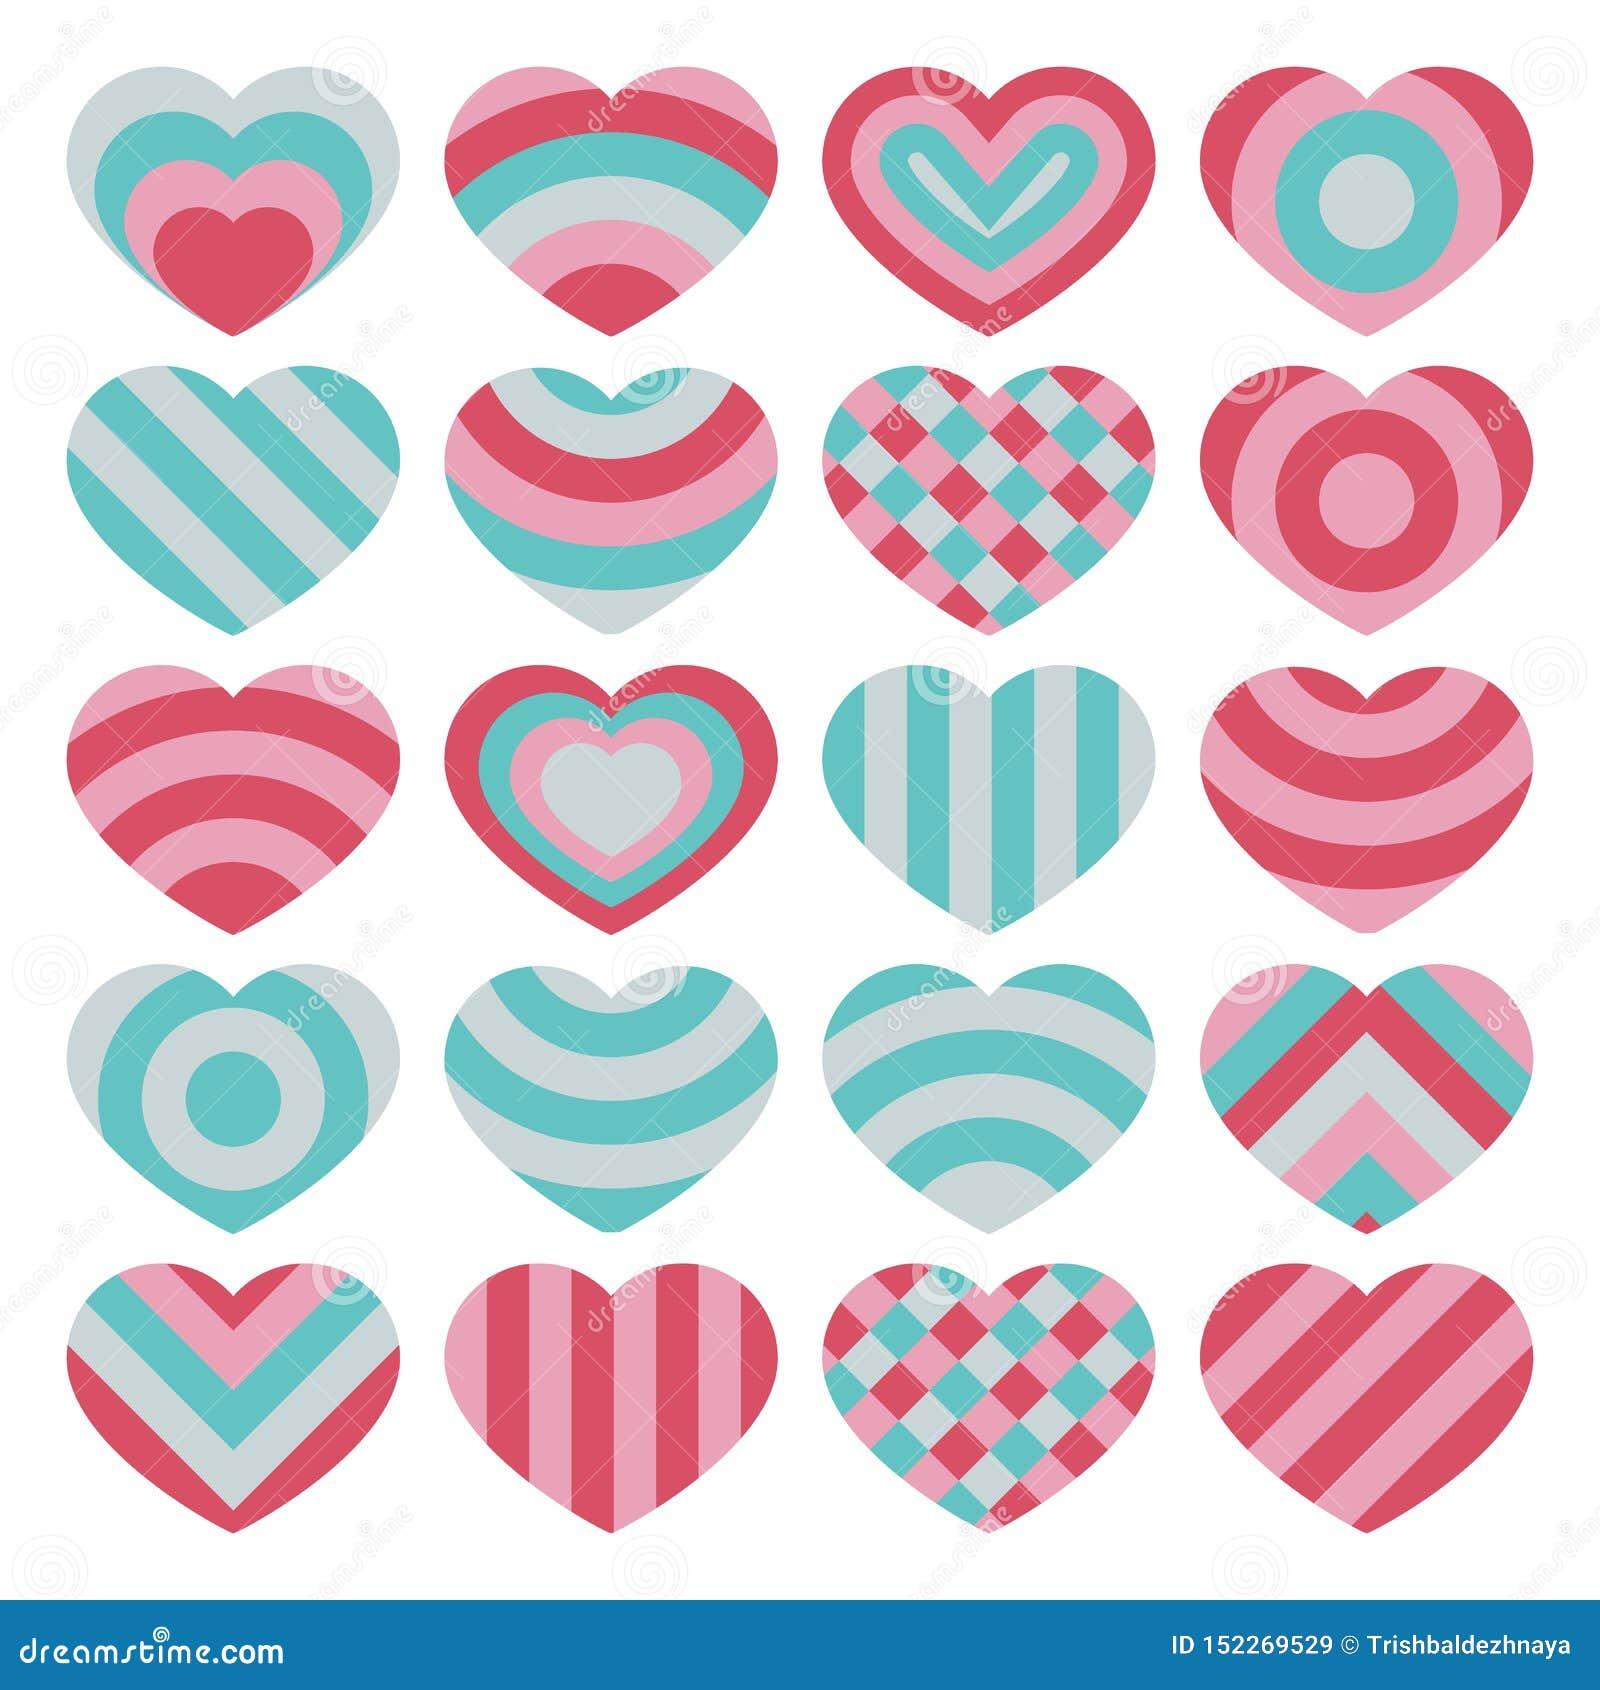 Fije de corazones coloridos aislados vector hermoso de las tarjetas del día de San Valentín en el fondo blanco